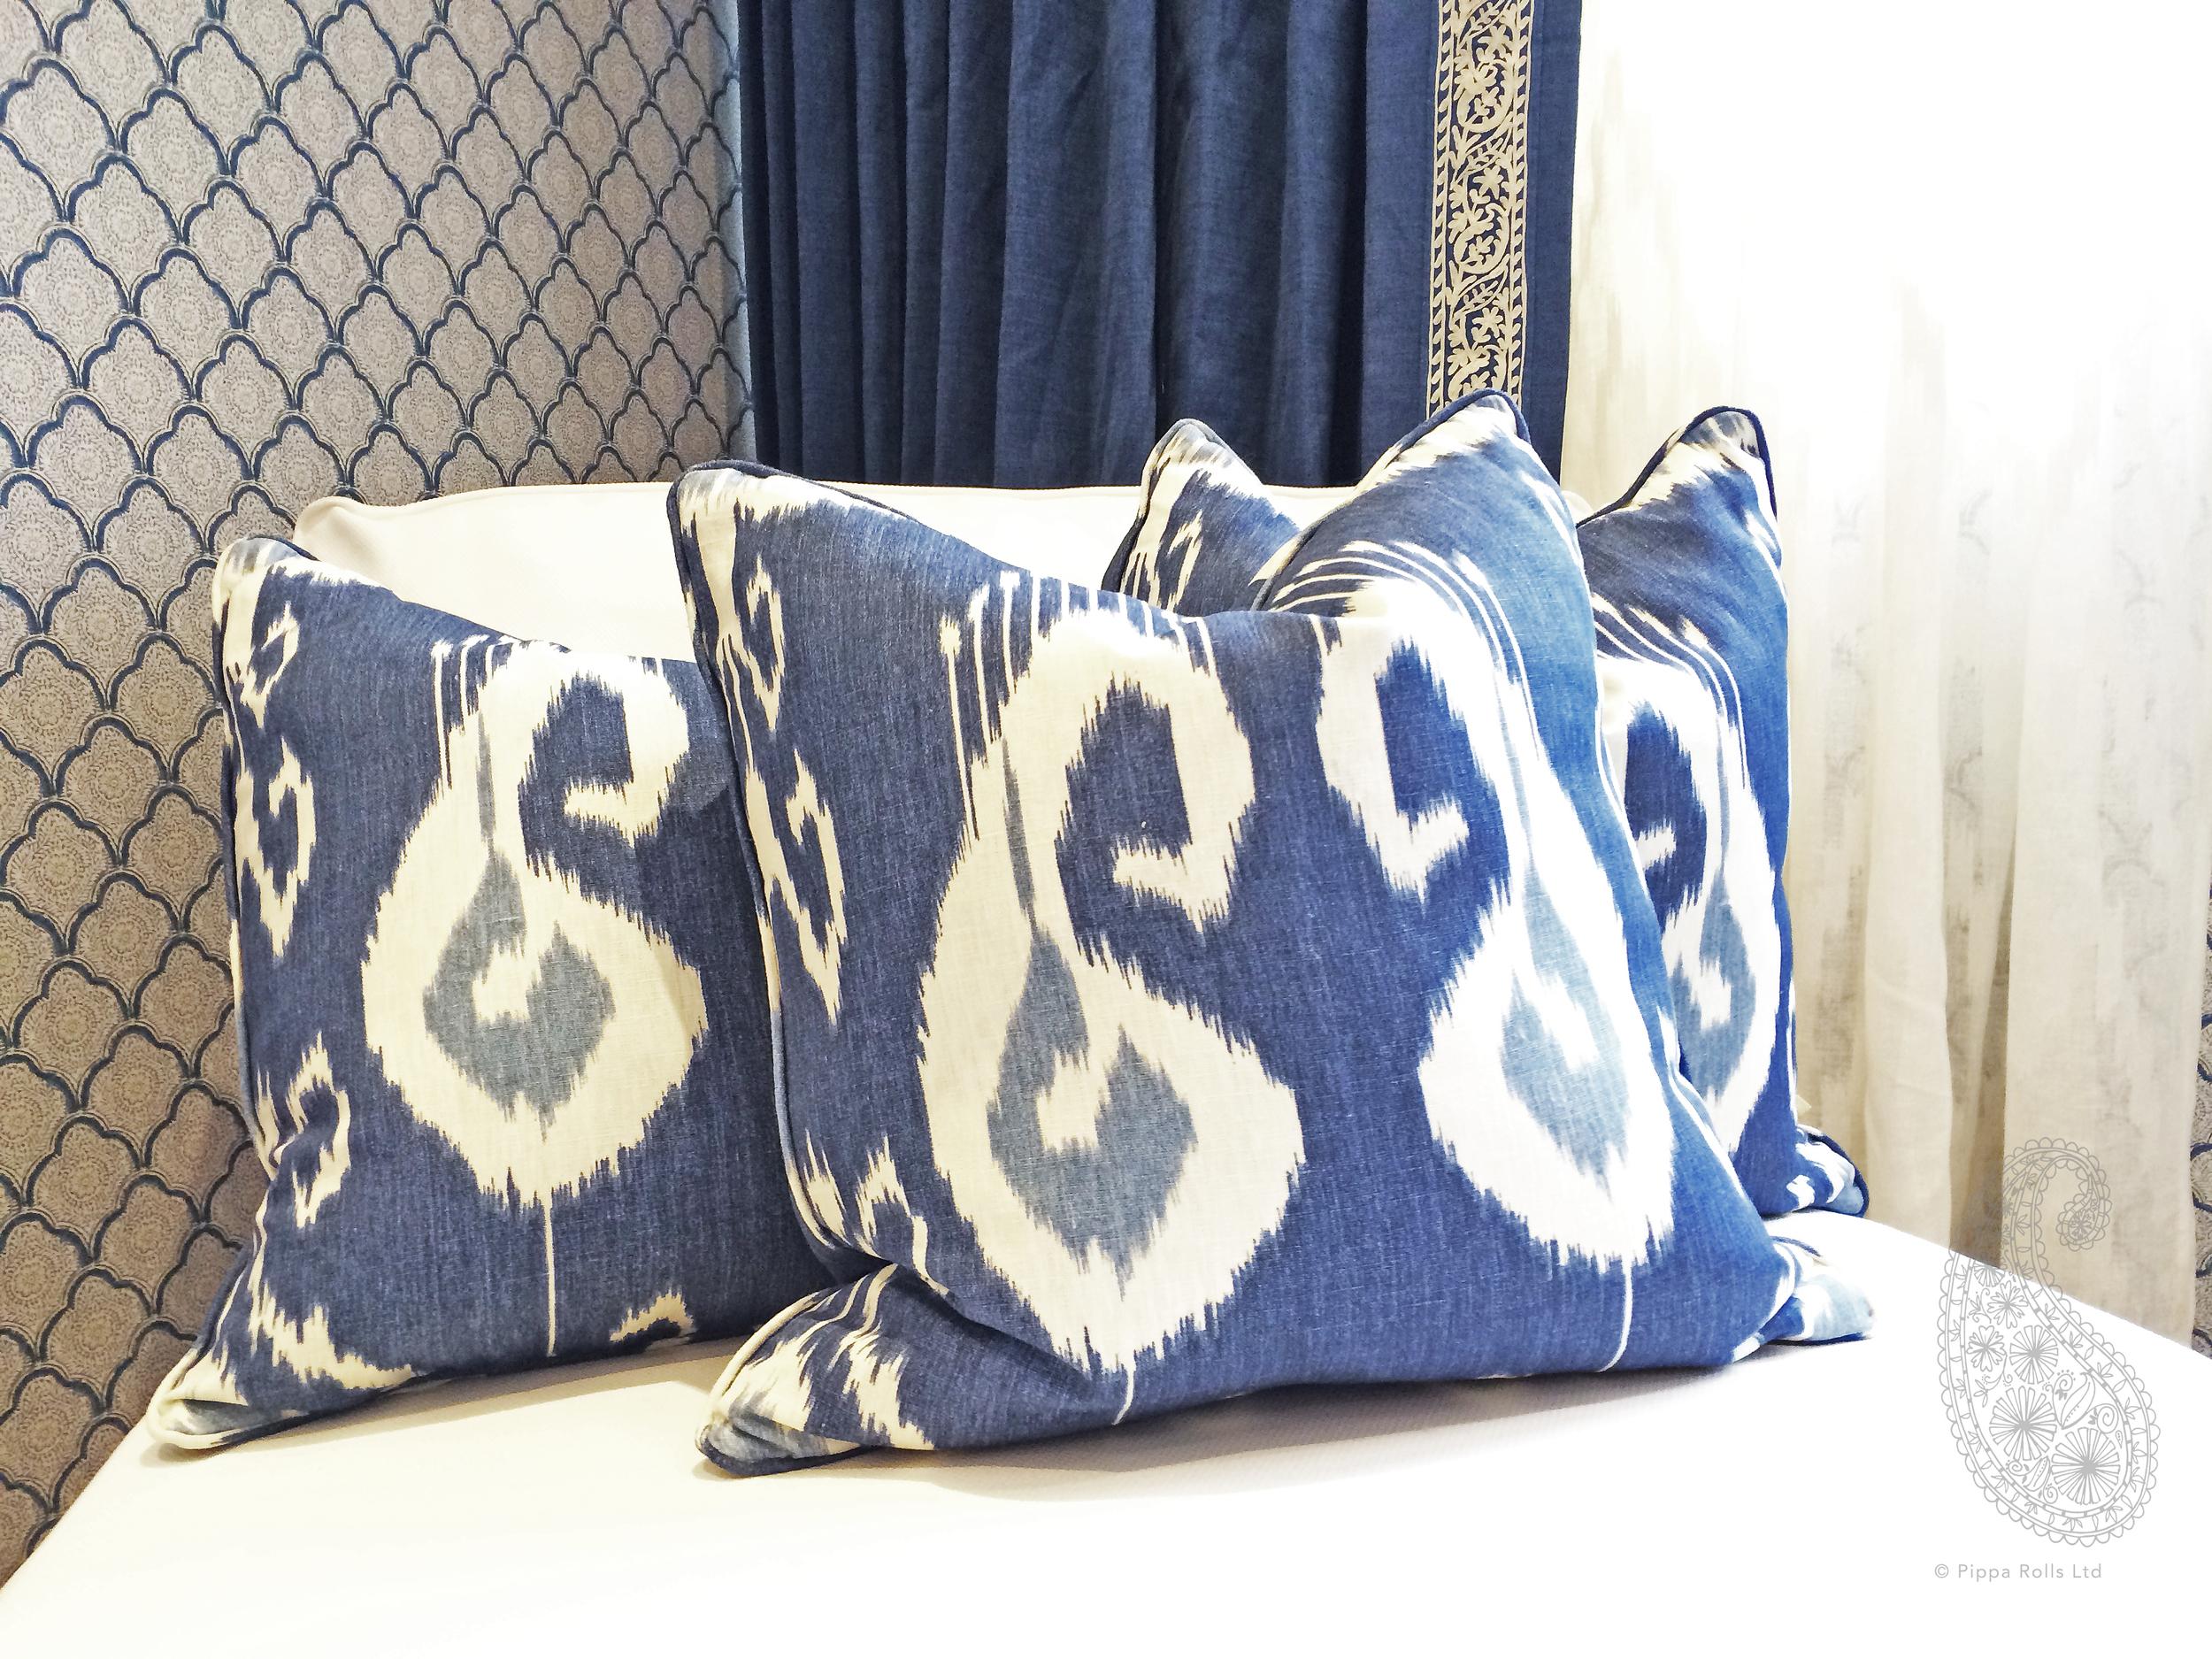 Bansuri cushions by Pippa Rolls Limited (1) jpeg.jpg